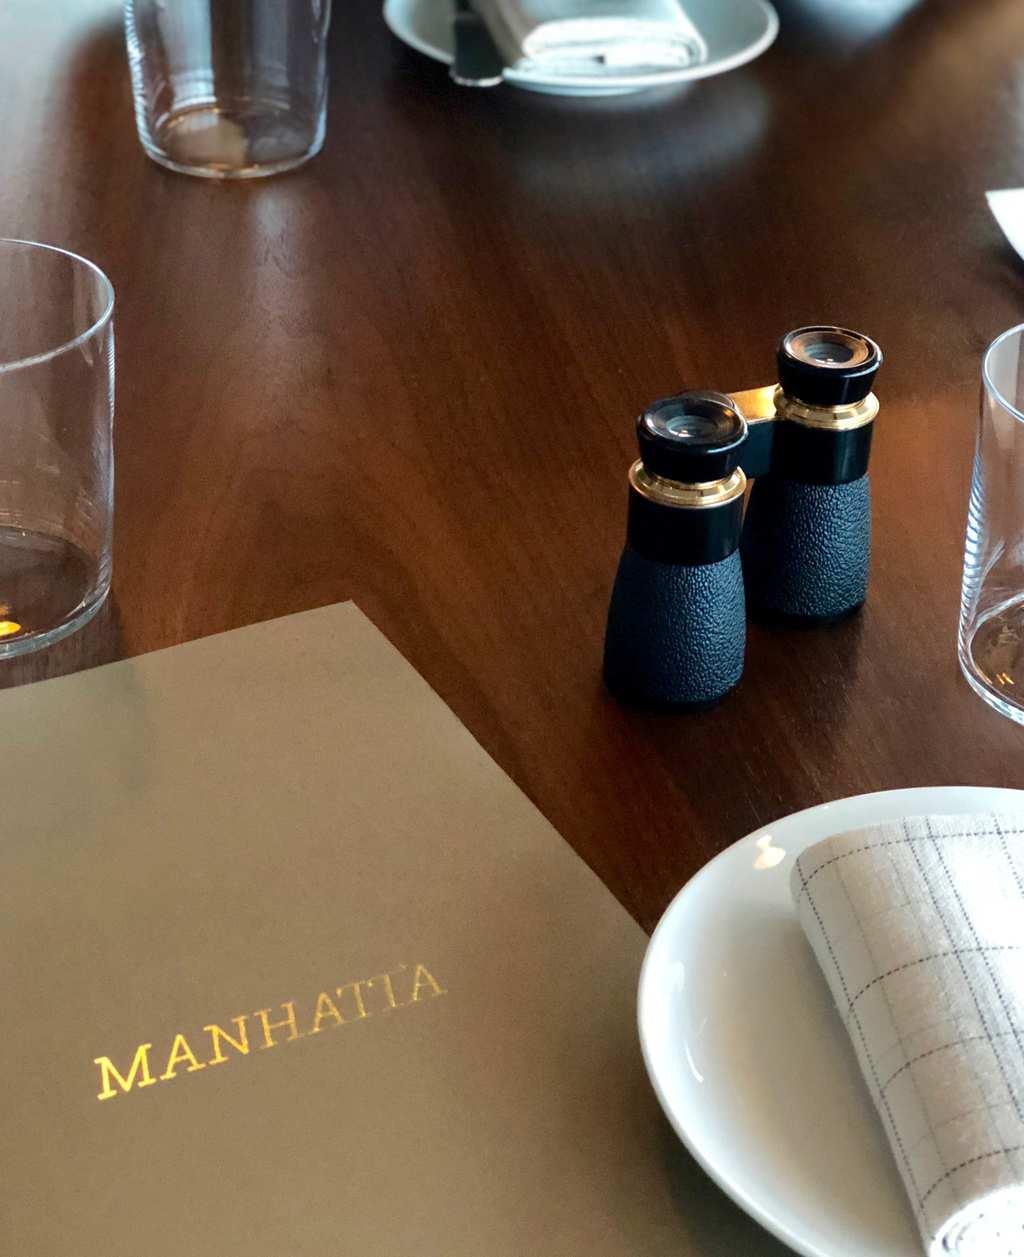 Manhatta menu